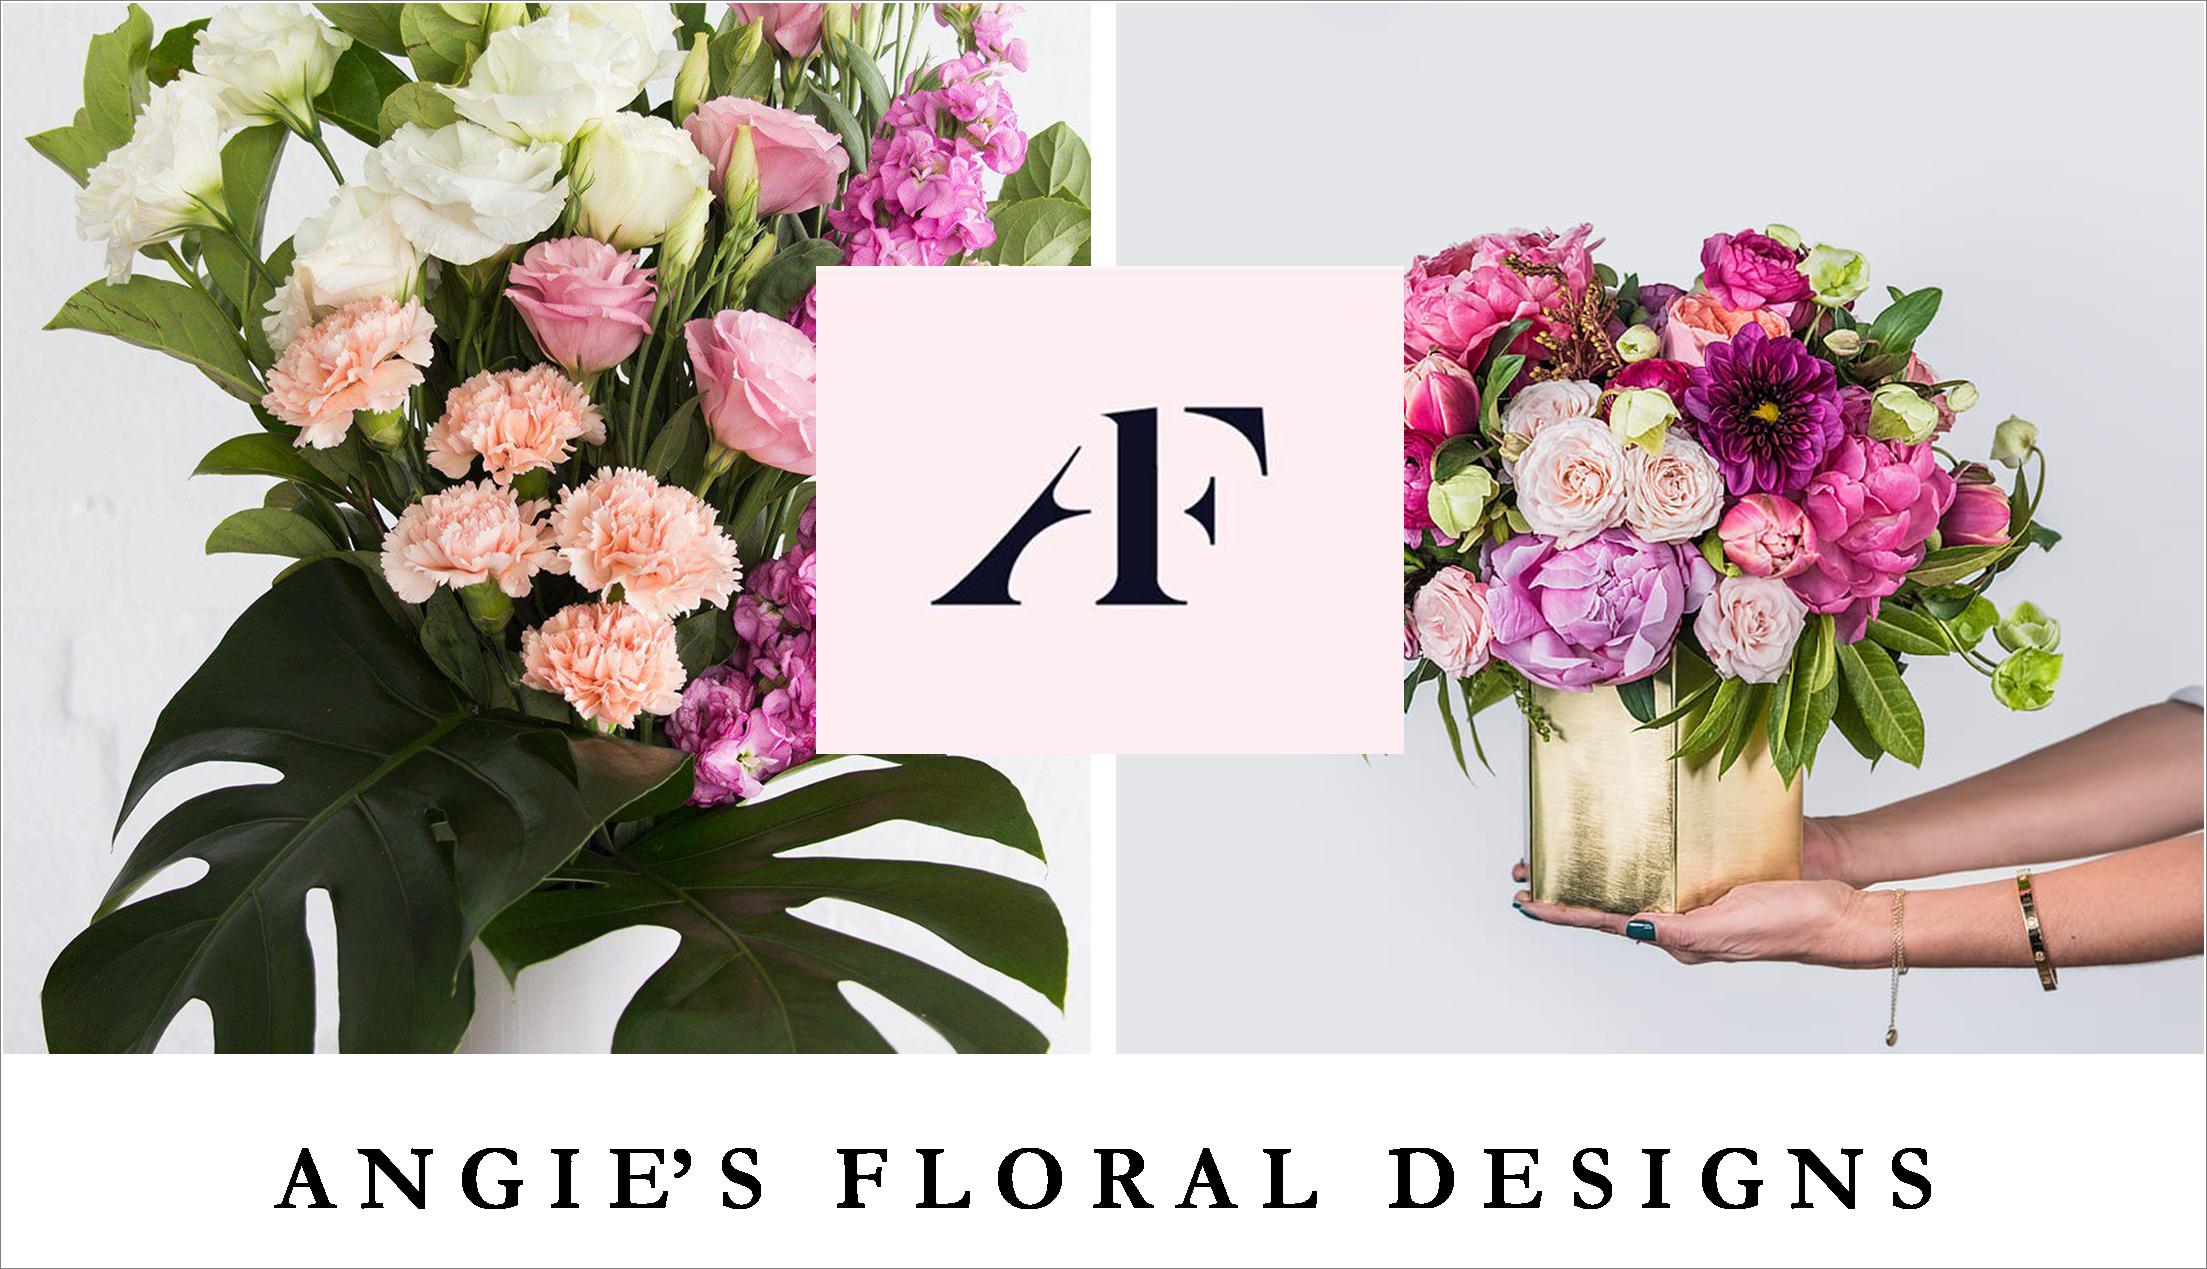 angies-floral-designs-el-paso-texas-79912-el-paso-flower-delivery-angies-flower-el-paso-florist-email.png